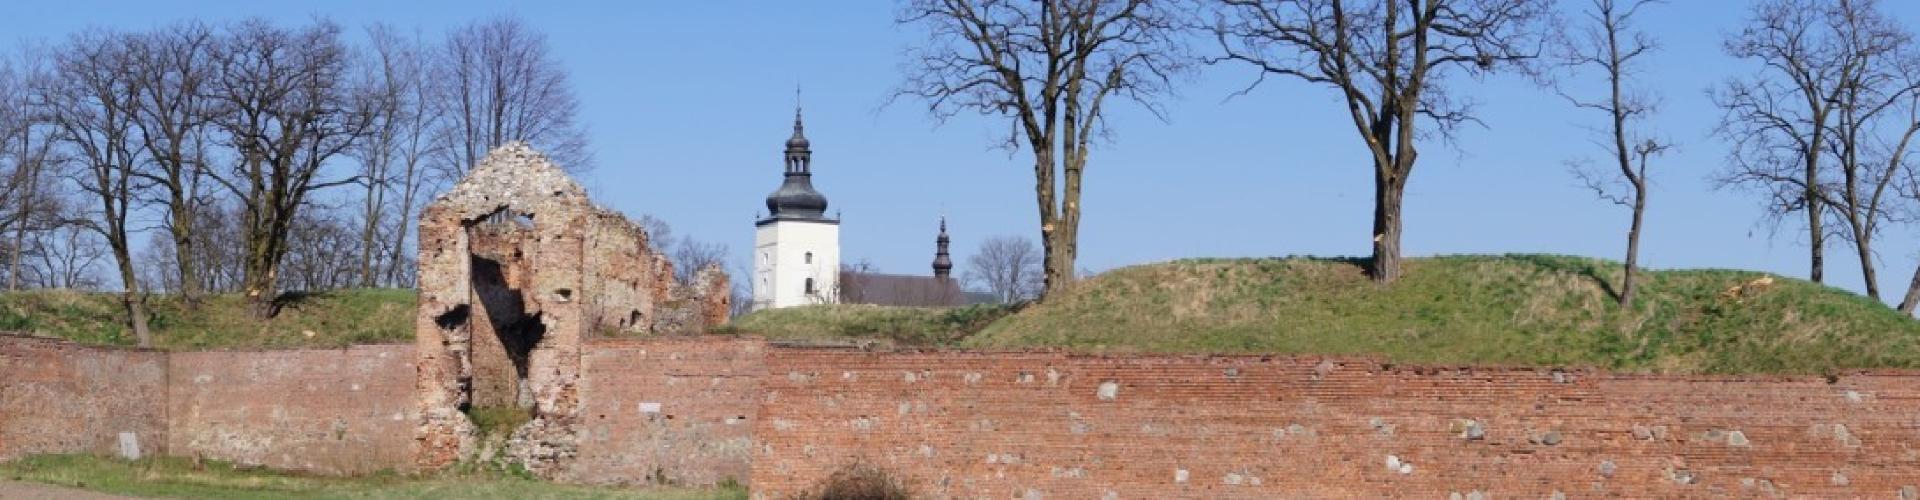 Sanktuarium w Dankowie zdjęcie główne